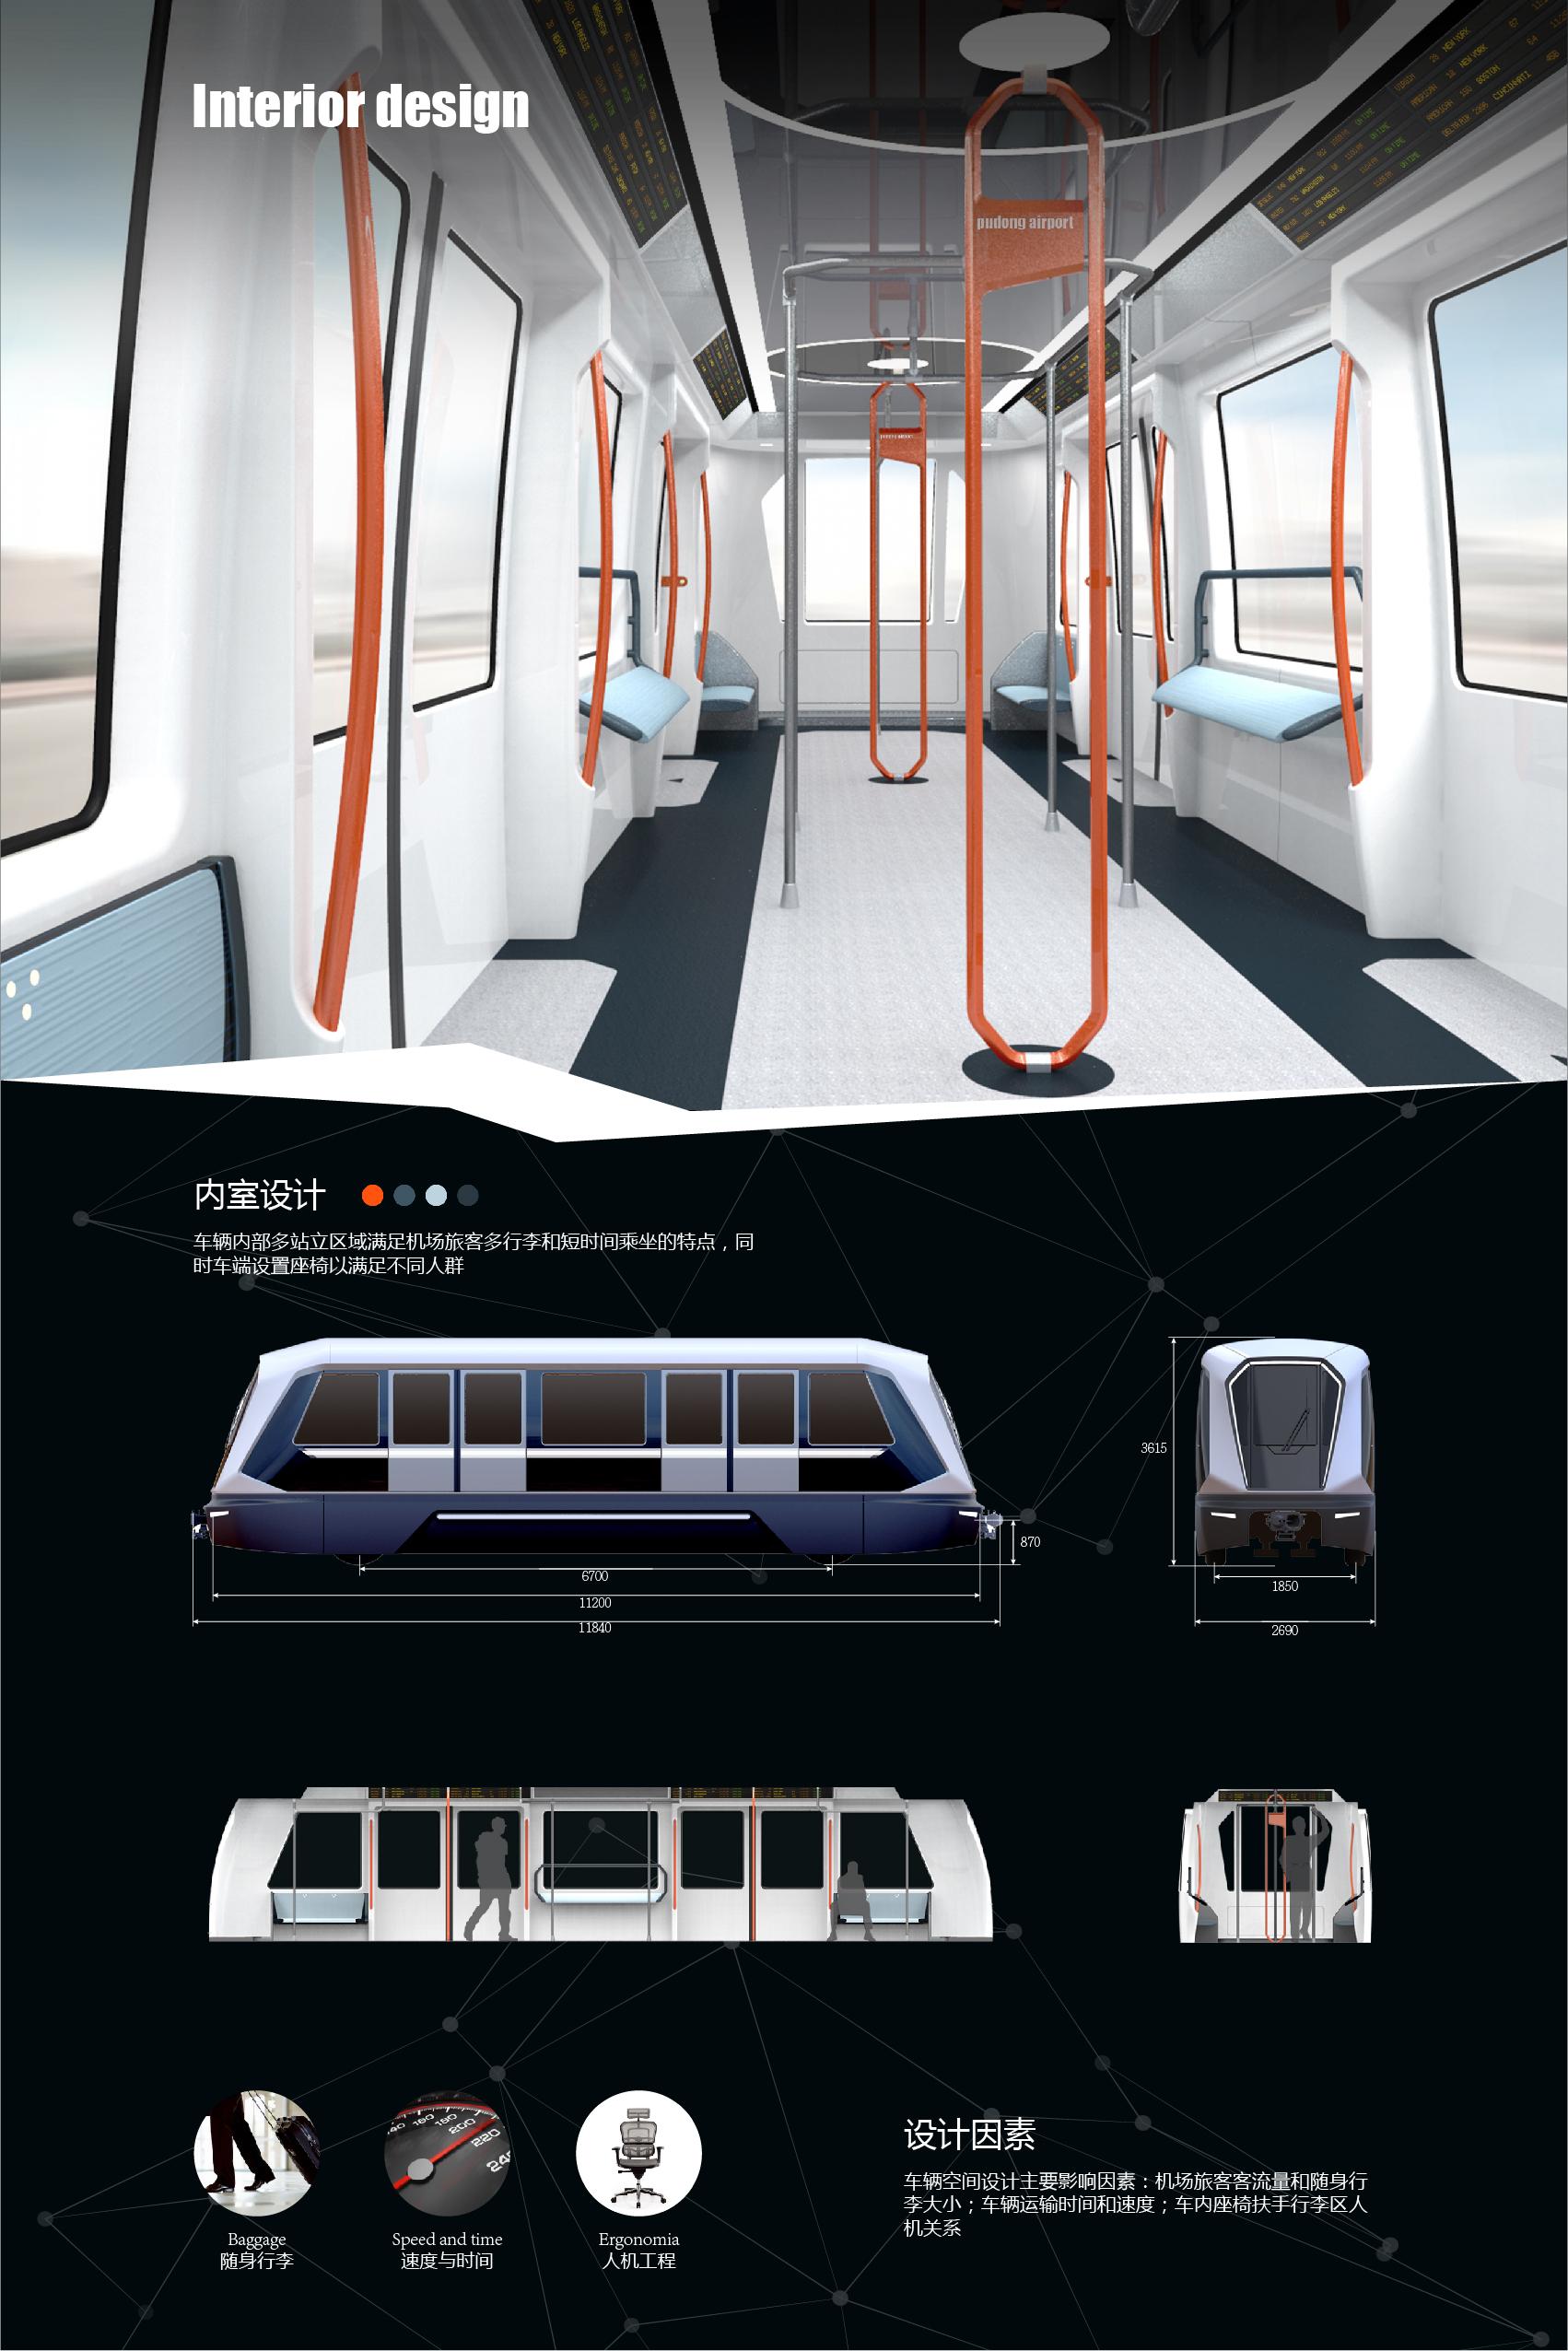 工业设计展板|工业/产品|交通工具|yesman2015 - 原创图片